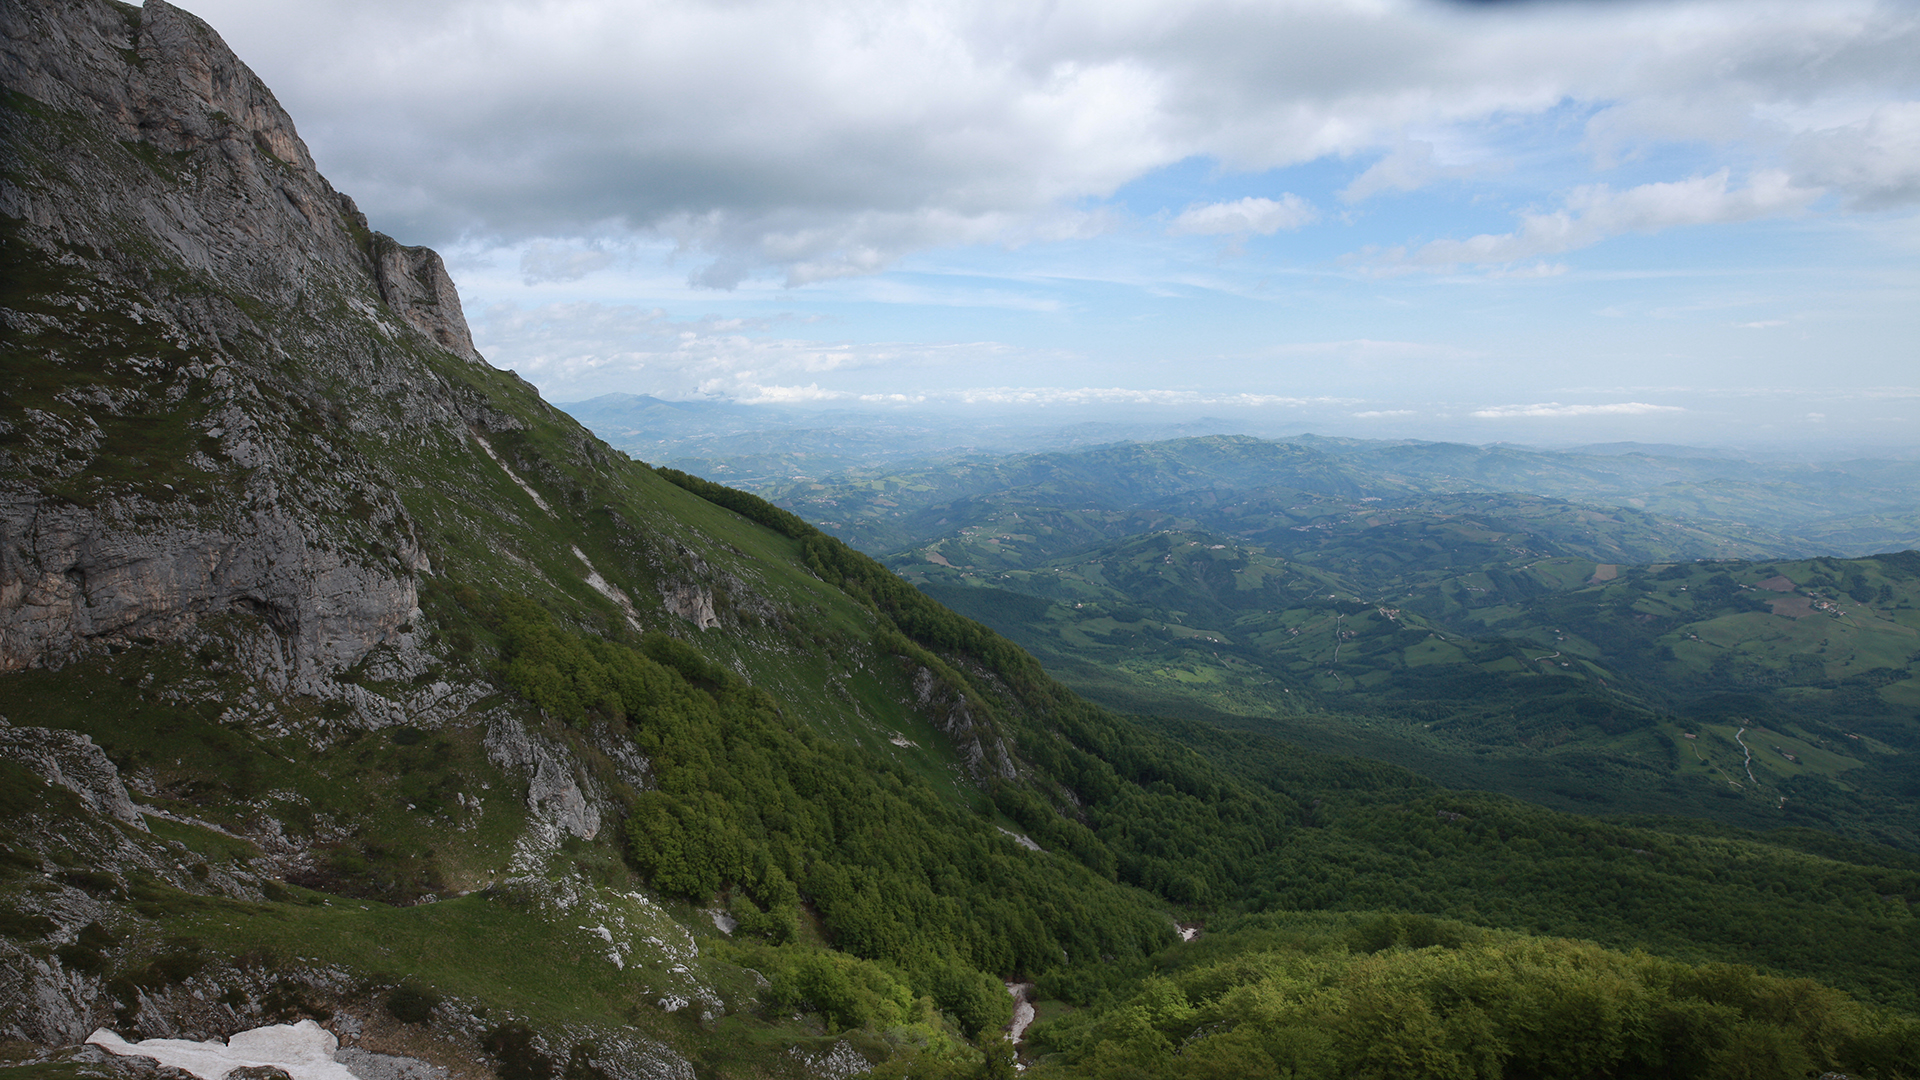 A European landscape